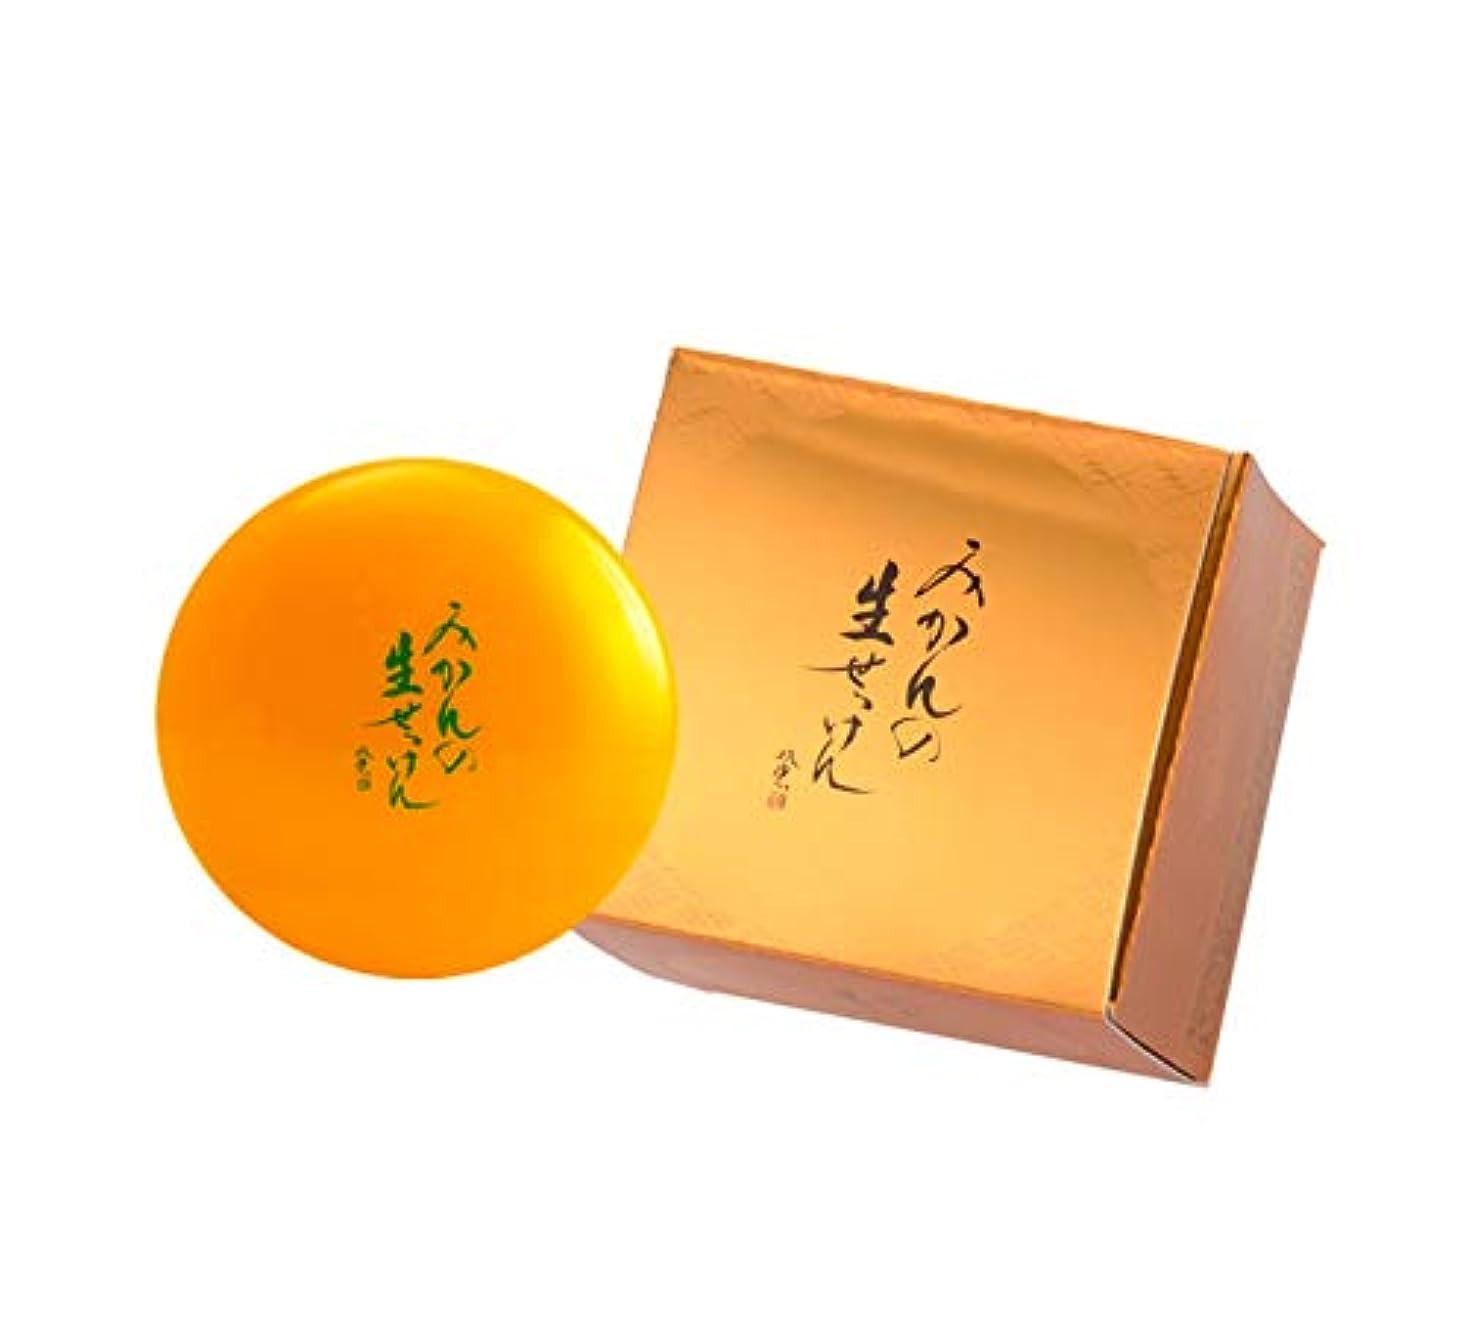 ペストなんとなく見ましたUYEKI美香柑みかんの生せっけん120g×24個セット